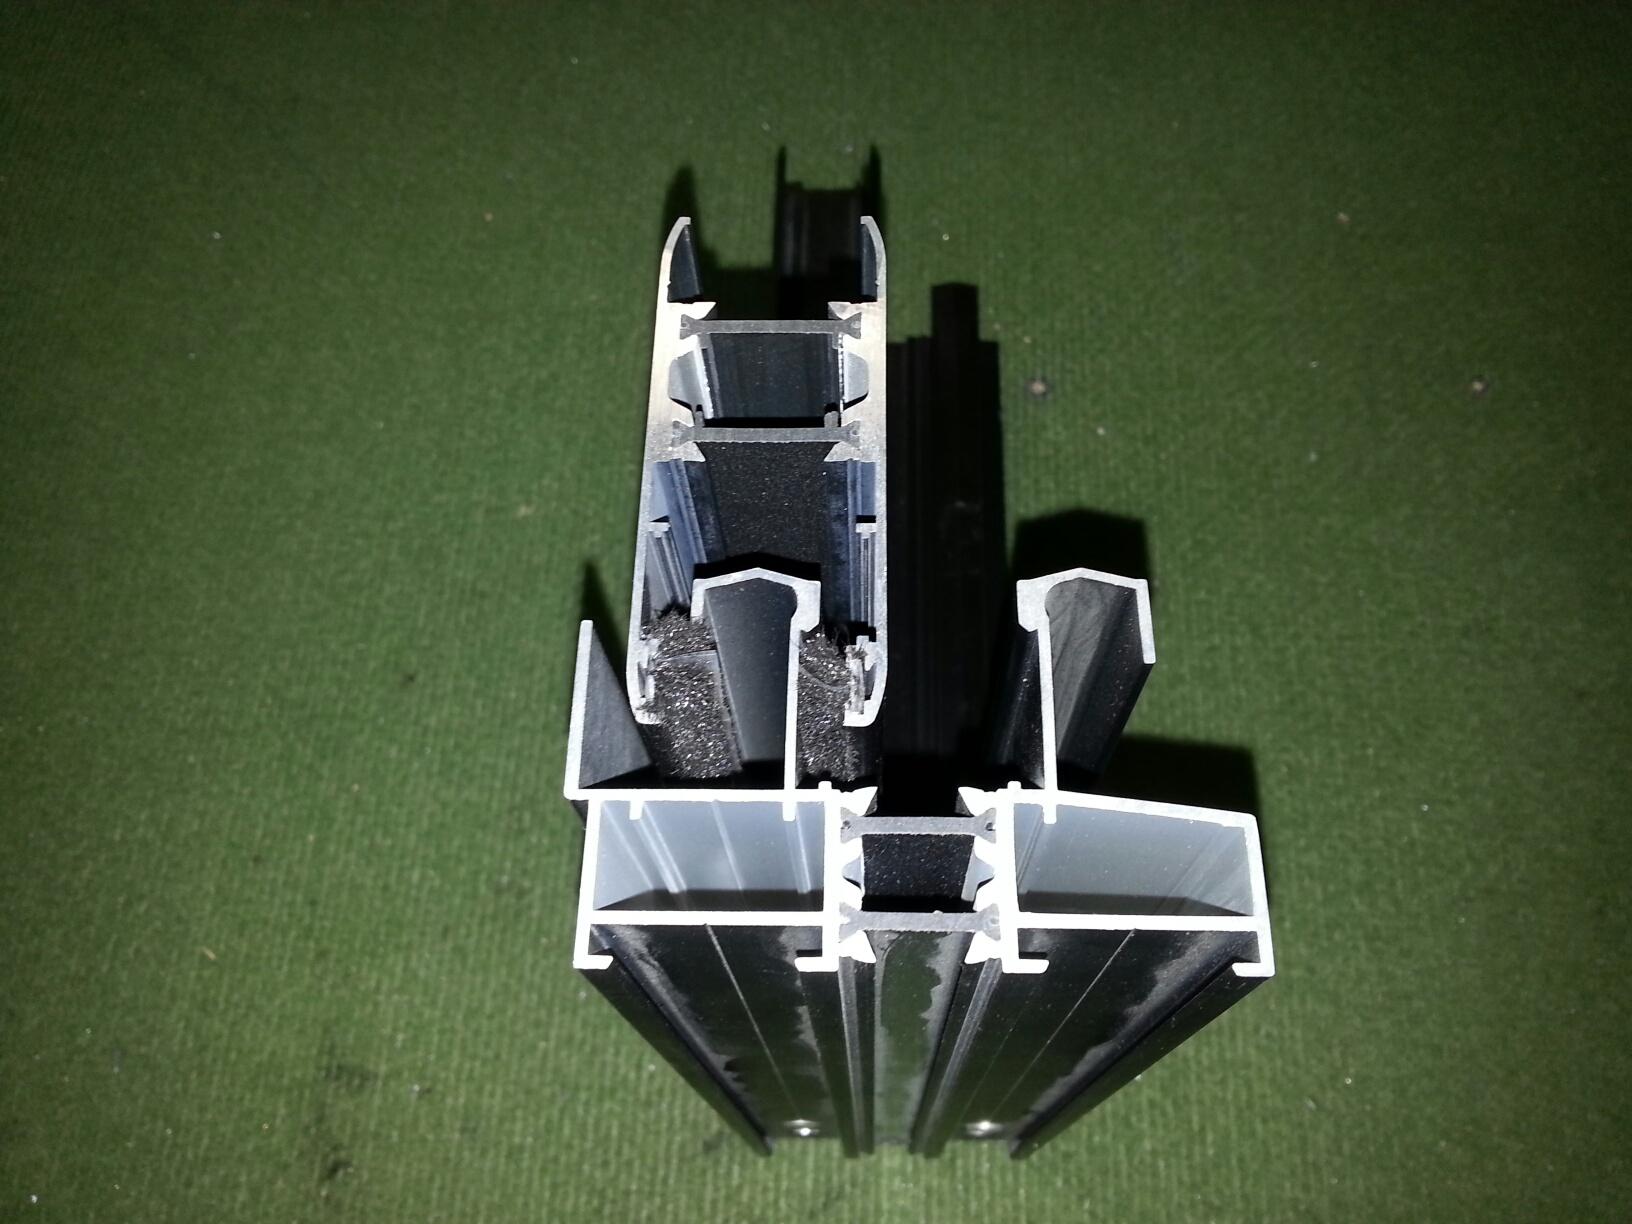 Serie corredera s 76 de alugom por ponsico s c p para for Perfiles de aluminio barcelona